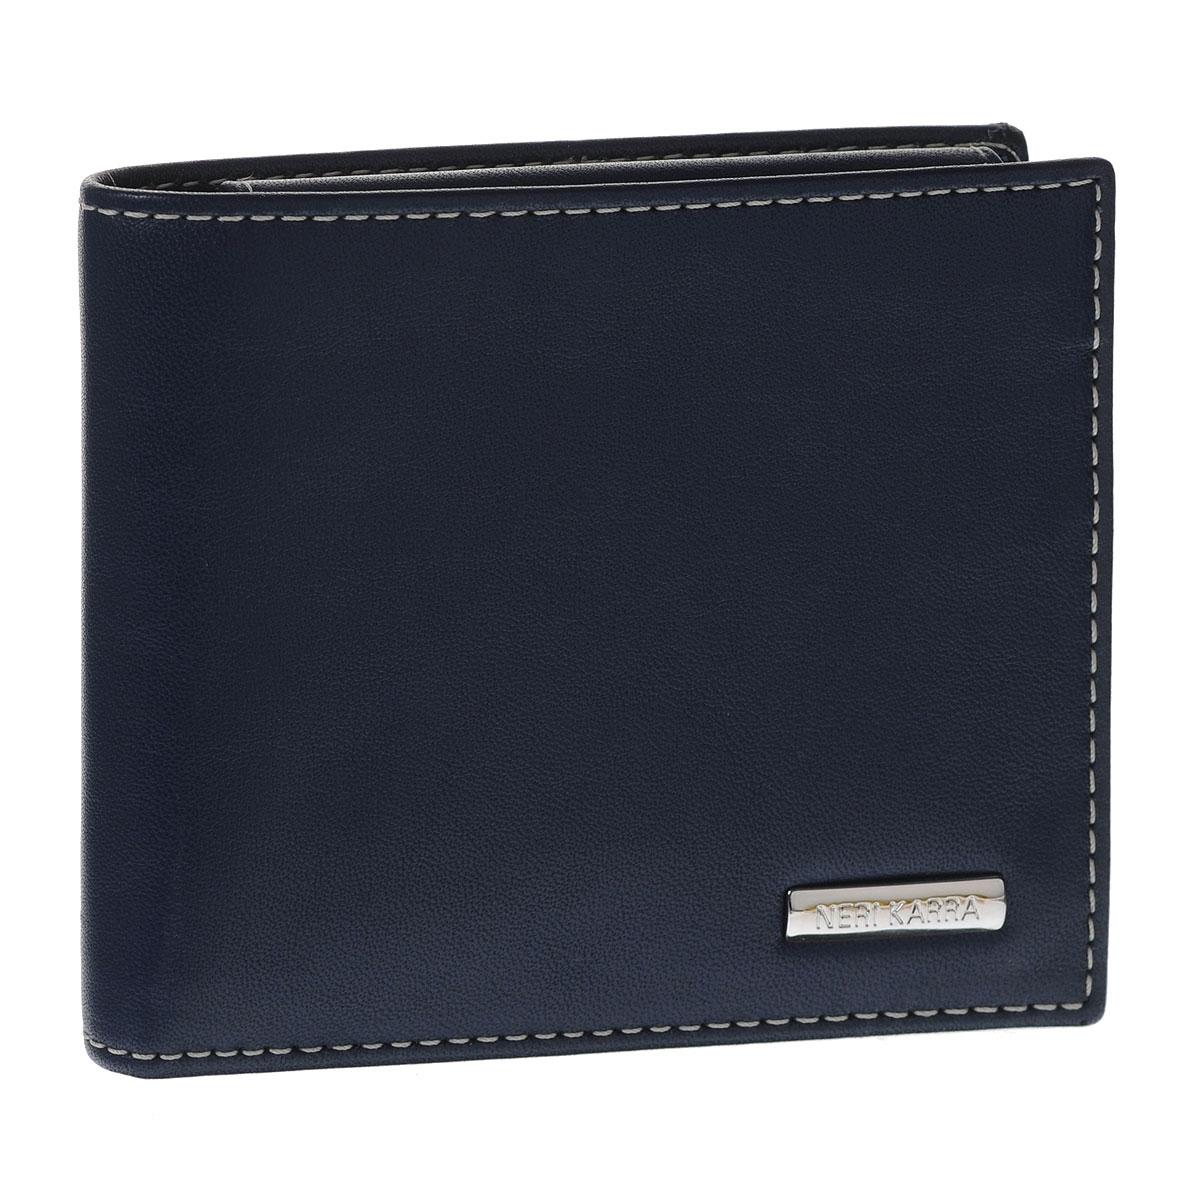 Портмоне мужское Neri Karra, цвет: синий, бежевый. 0366 3-01.09/3-01.65W16-11128_323Стильное мужское портмоне Neri Karra изготовлено из натуральной кожи. Внутри содержится два отделения для купюр, четыре кармана для пластиковых карт и визиток, 2 потайных кармашка для мелких бумаг, а также объемное отделение для мелочи, закрывающееся клапаном на кнопке. Внутри портмоне отделано прочным однотонным шелком. На внутренней стороне изделие оформлено тиснением в виде названия бренда, на лицевой стороне - небольшой металлической пластиной с гравировкой Neri Karra. Стильное и практичное портмоне подчеркнет ваш неповторимый вкус и станет стильным аксессуаром, идеально подходящим вашему образу. Портмоне упаковано в коробку из плотного картона с логотипом фирмы.